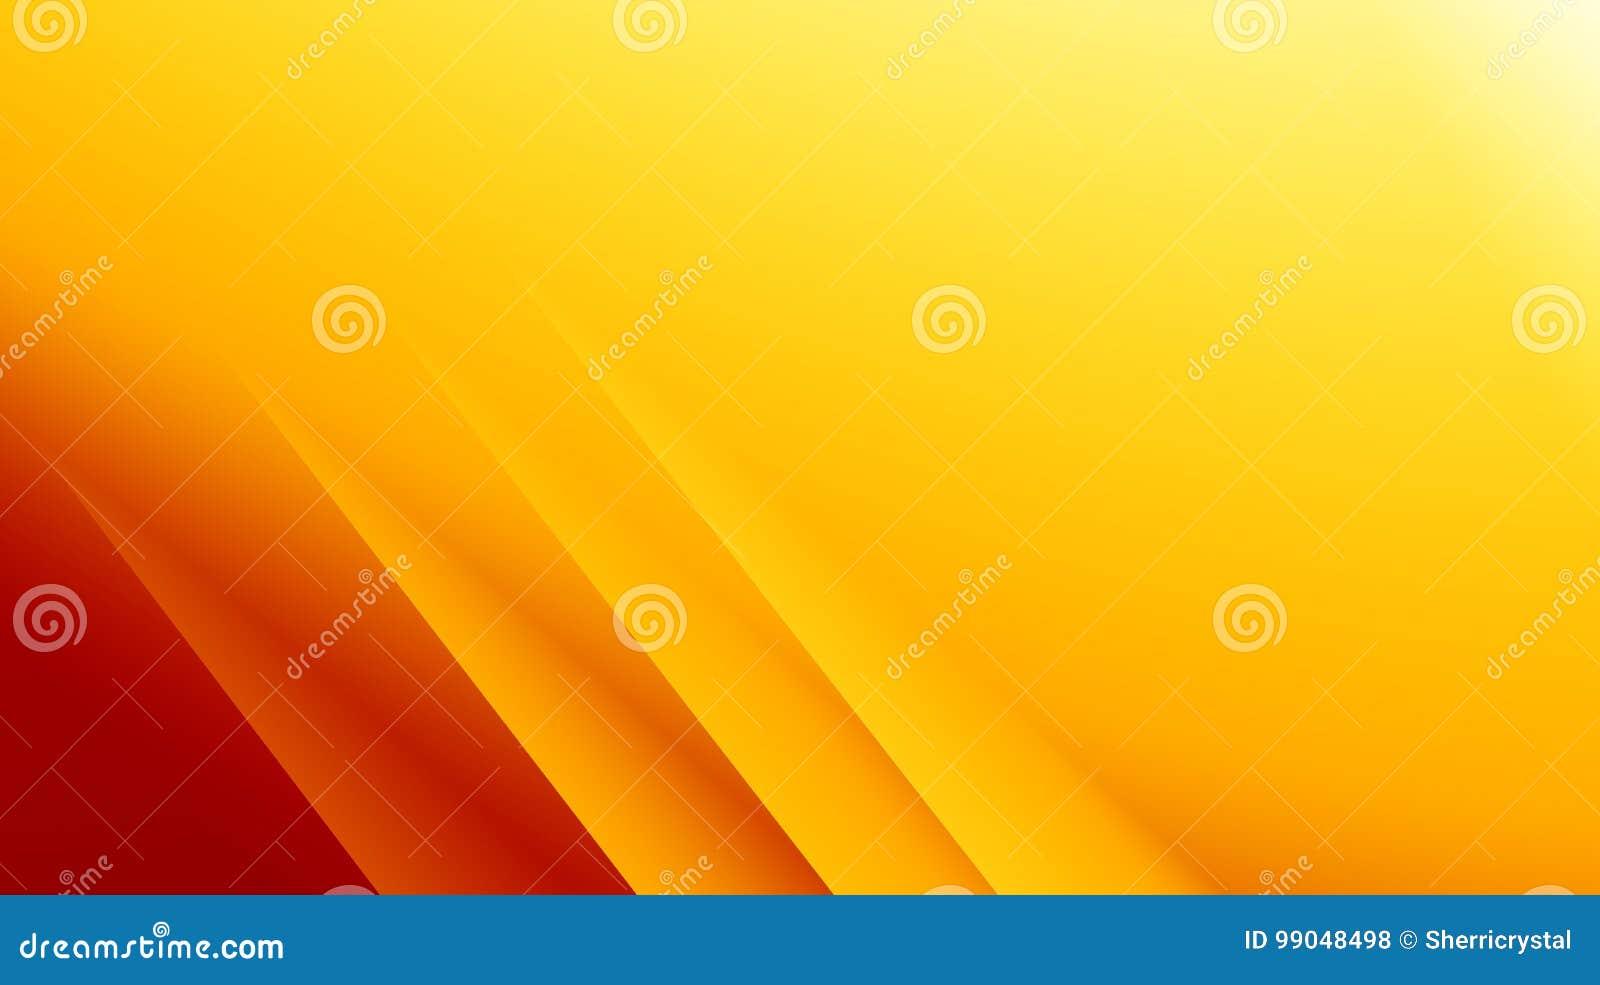 Illustration abstraite moderne rouge jaune-orange de fond de fractale avec les lignes diagonales parallèles L espace des textes A